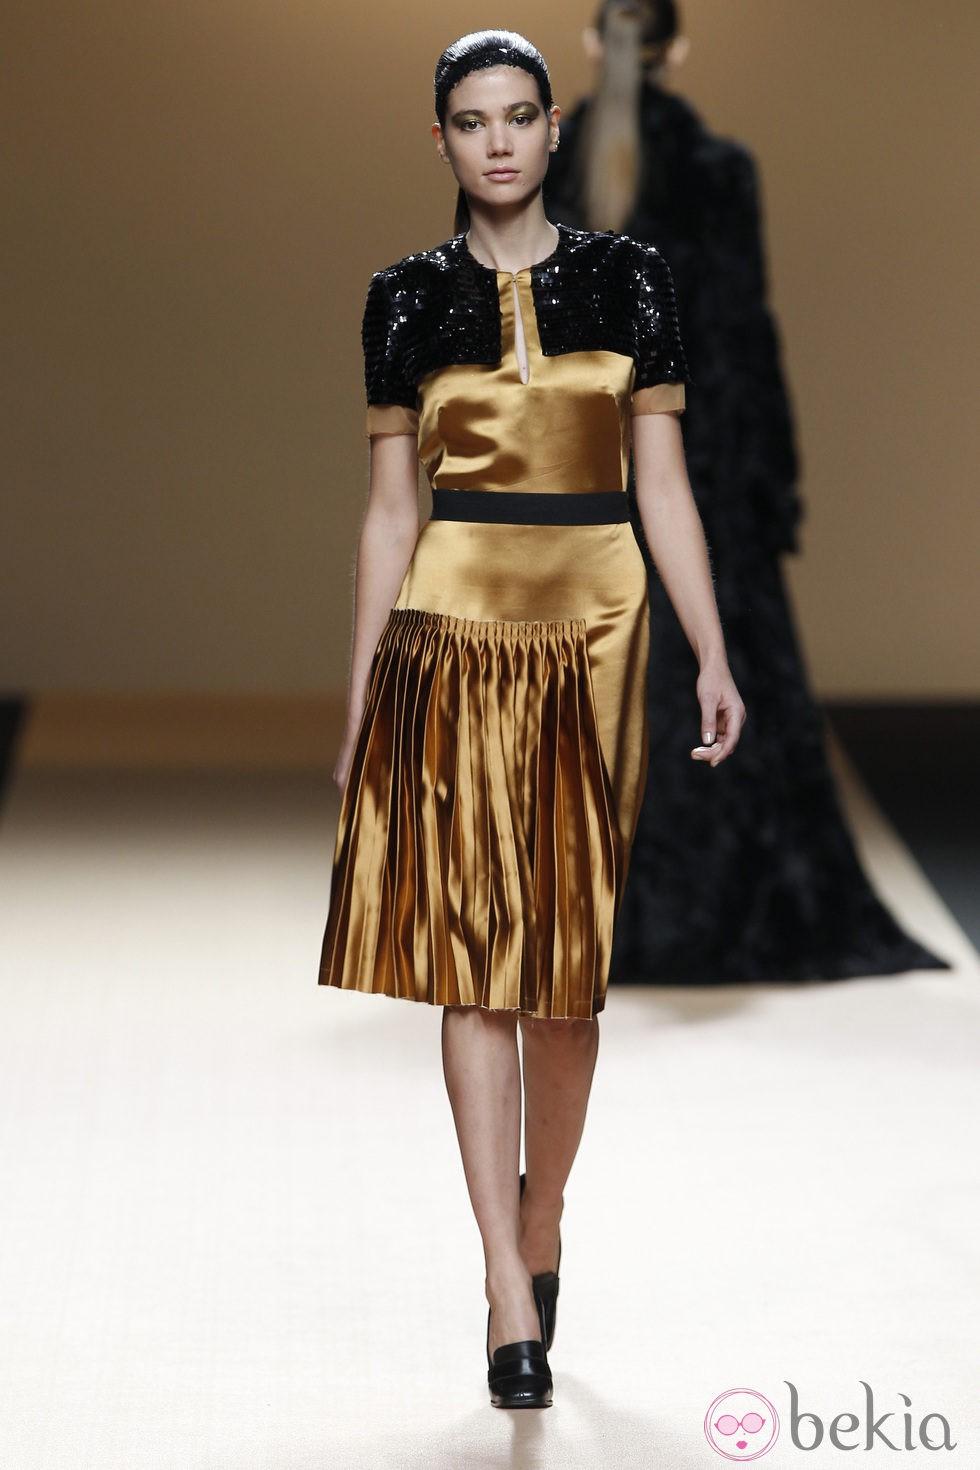 Desfile De Jesus Del Pozo En La Fashion Week Madrid Vestido Dorado De Noche Colecci N Oto O